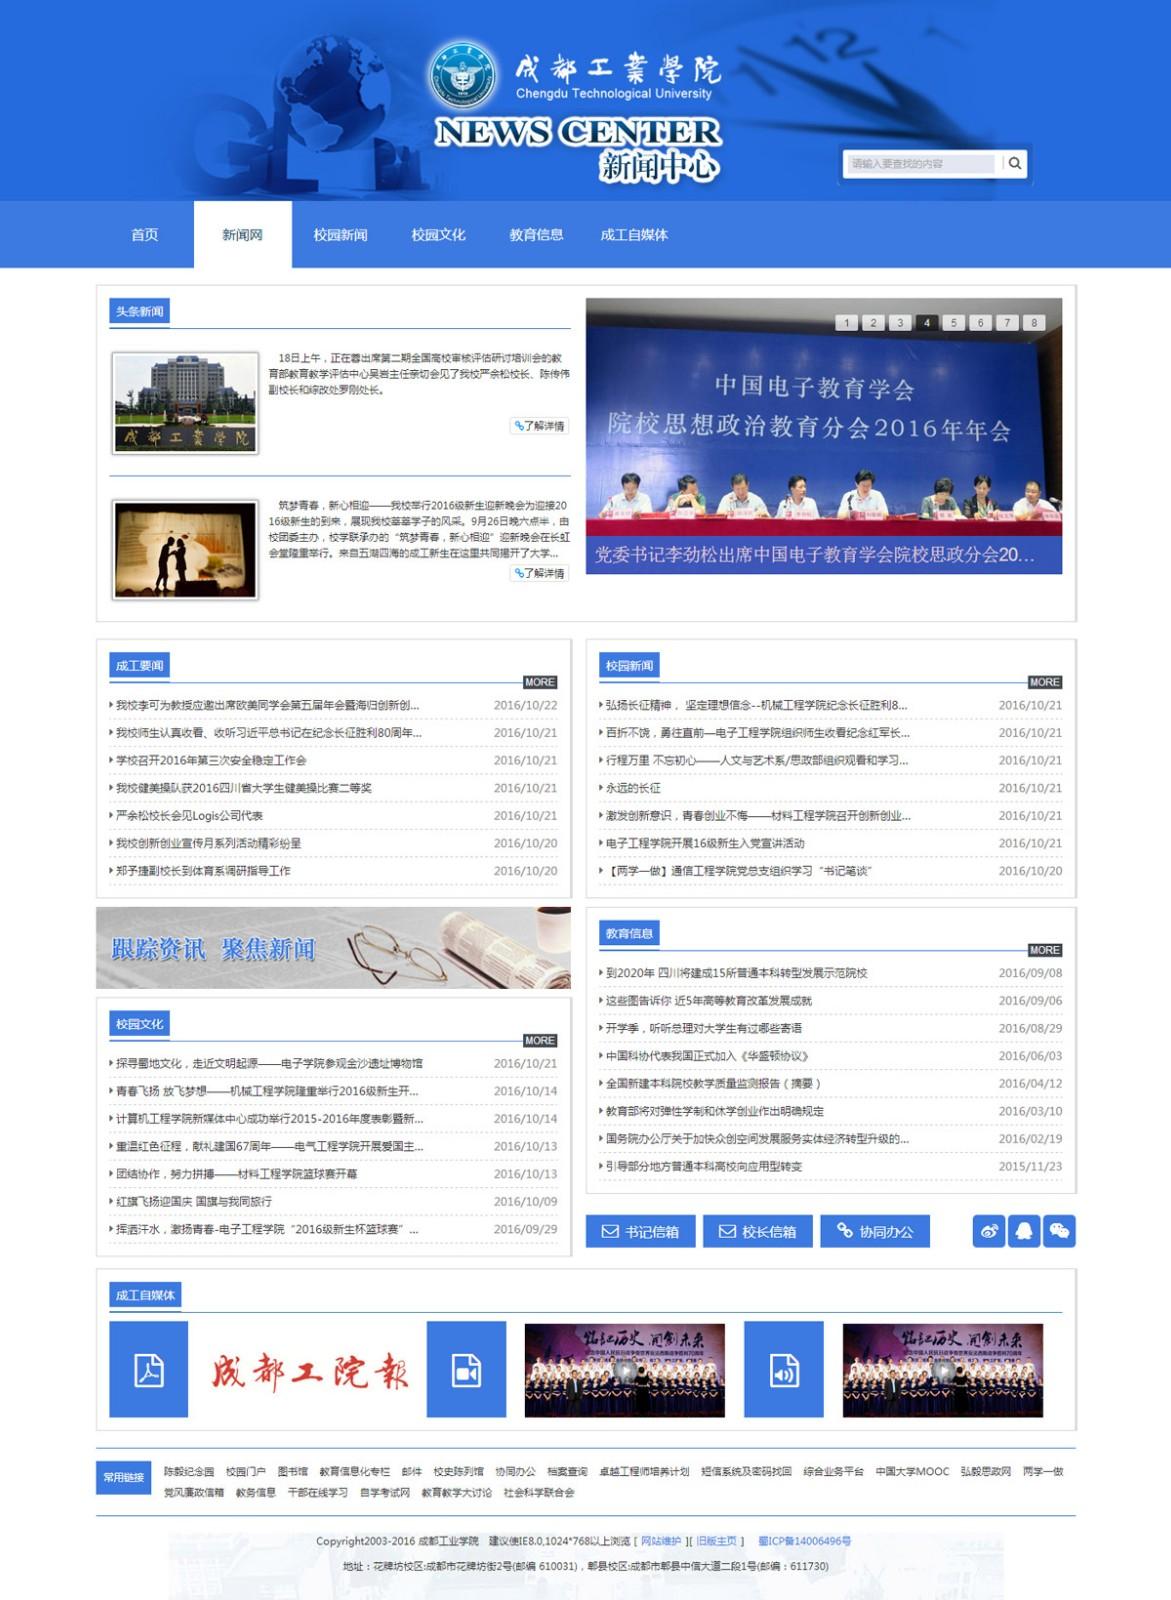 成都工业学院官网改版建设_成都学院网站建设_成都学校网站设计